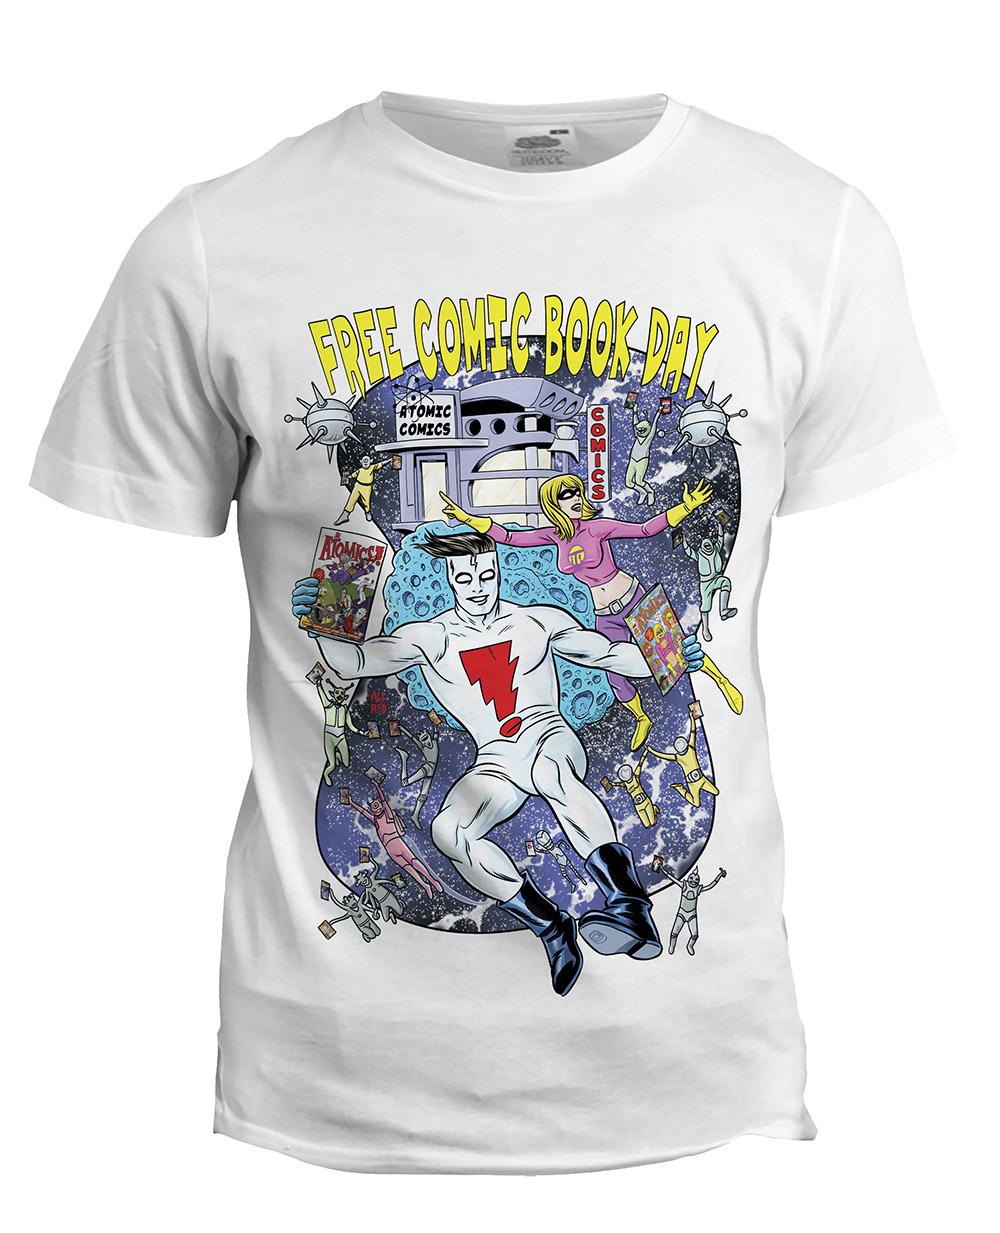 1000 pix Allred FCBD T-Shirt White.jpg